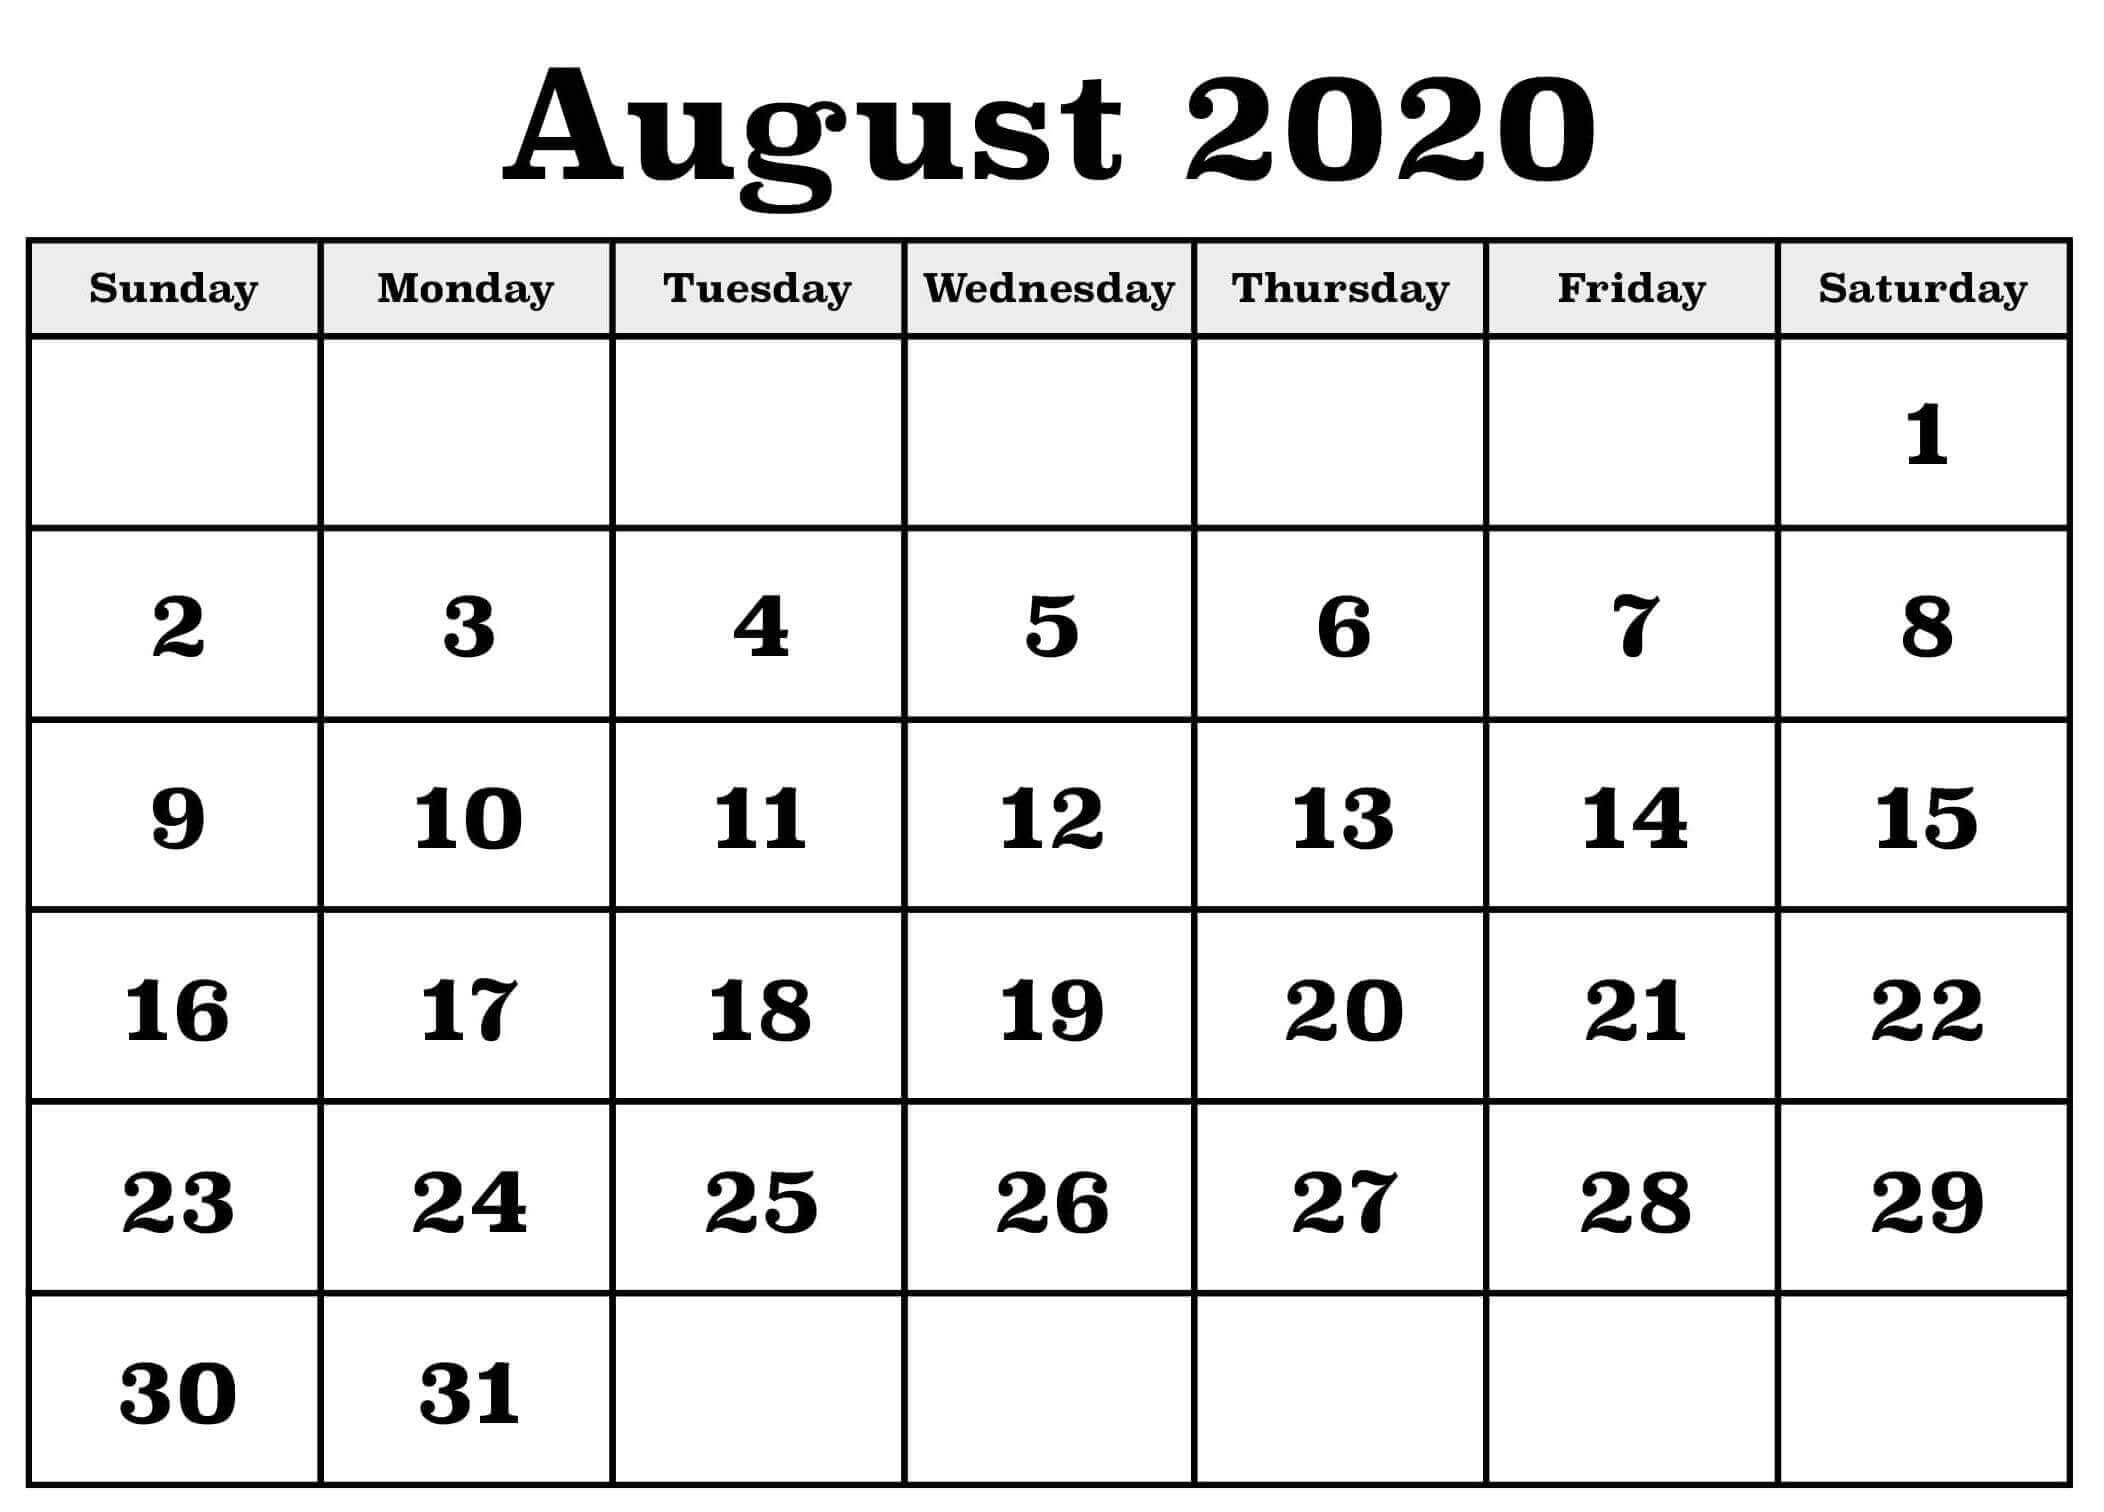 August 2020 Calendar Template Excel